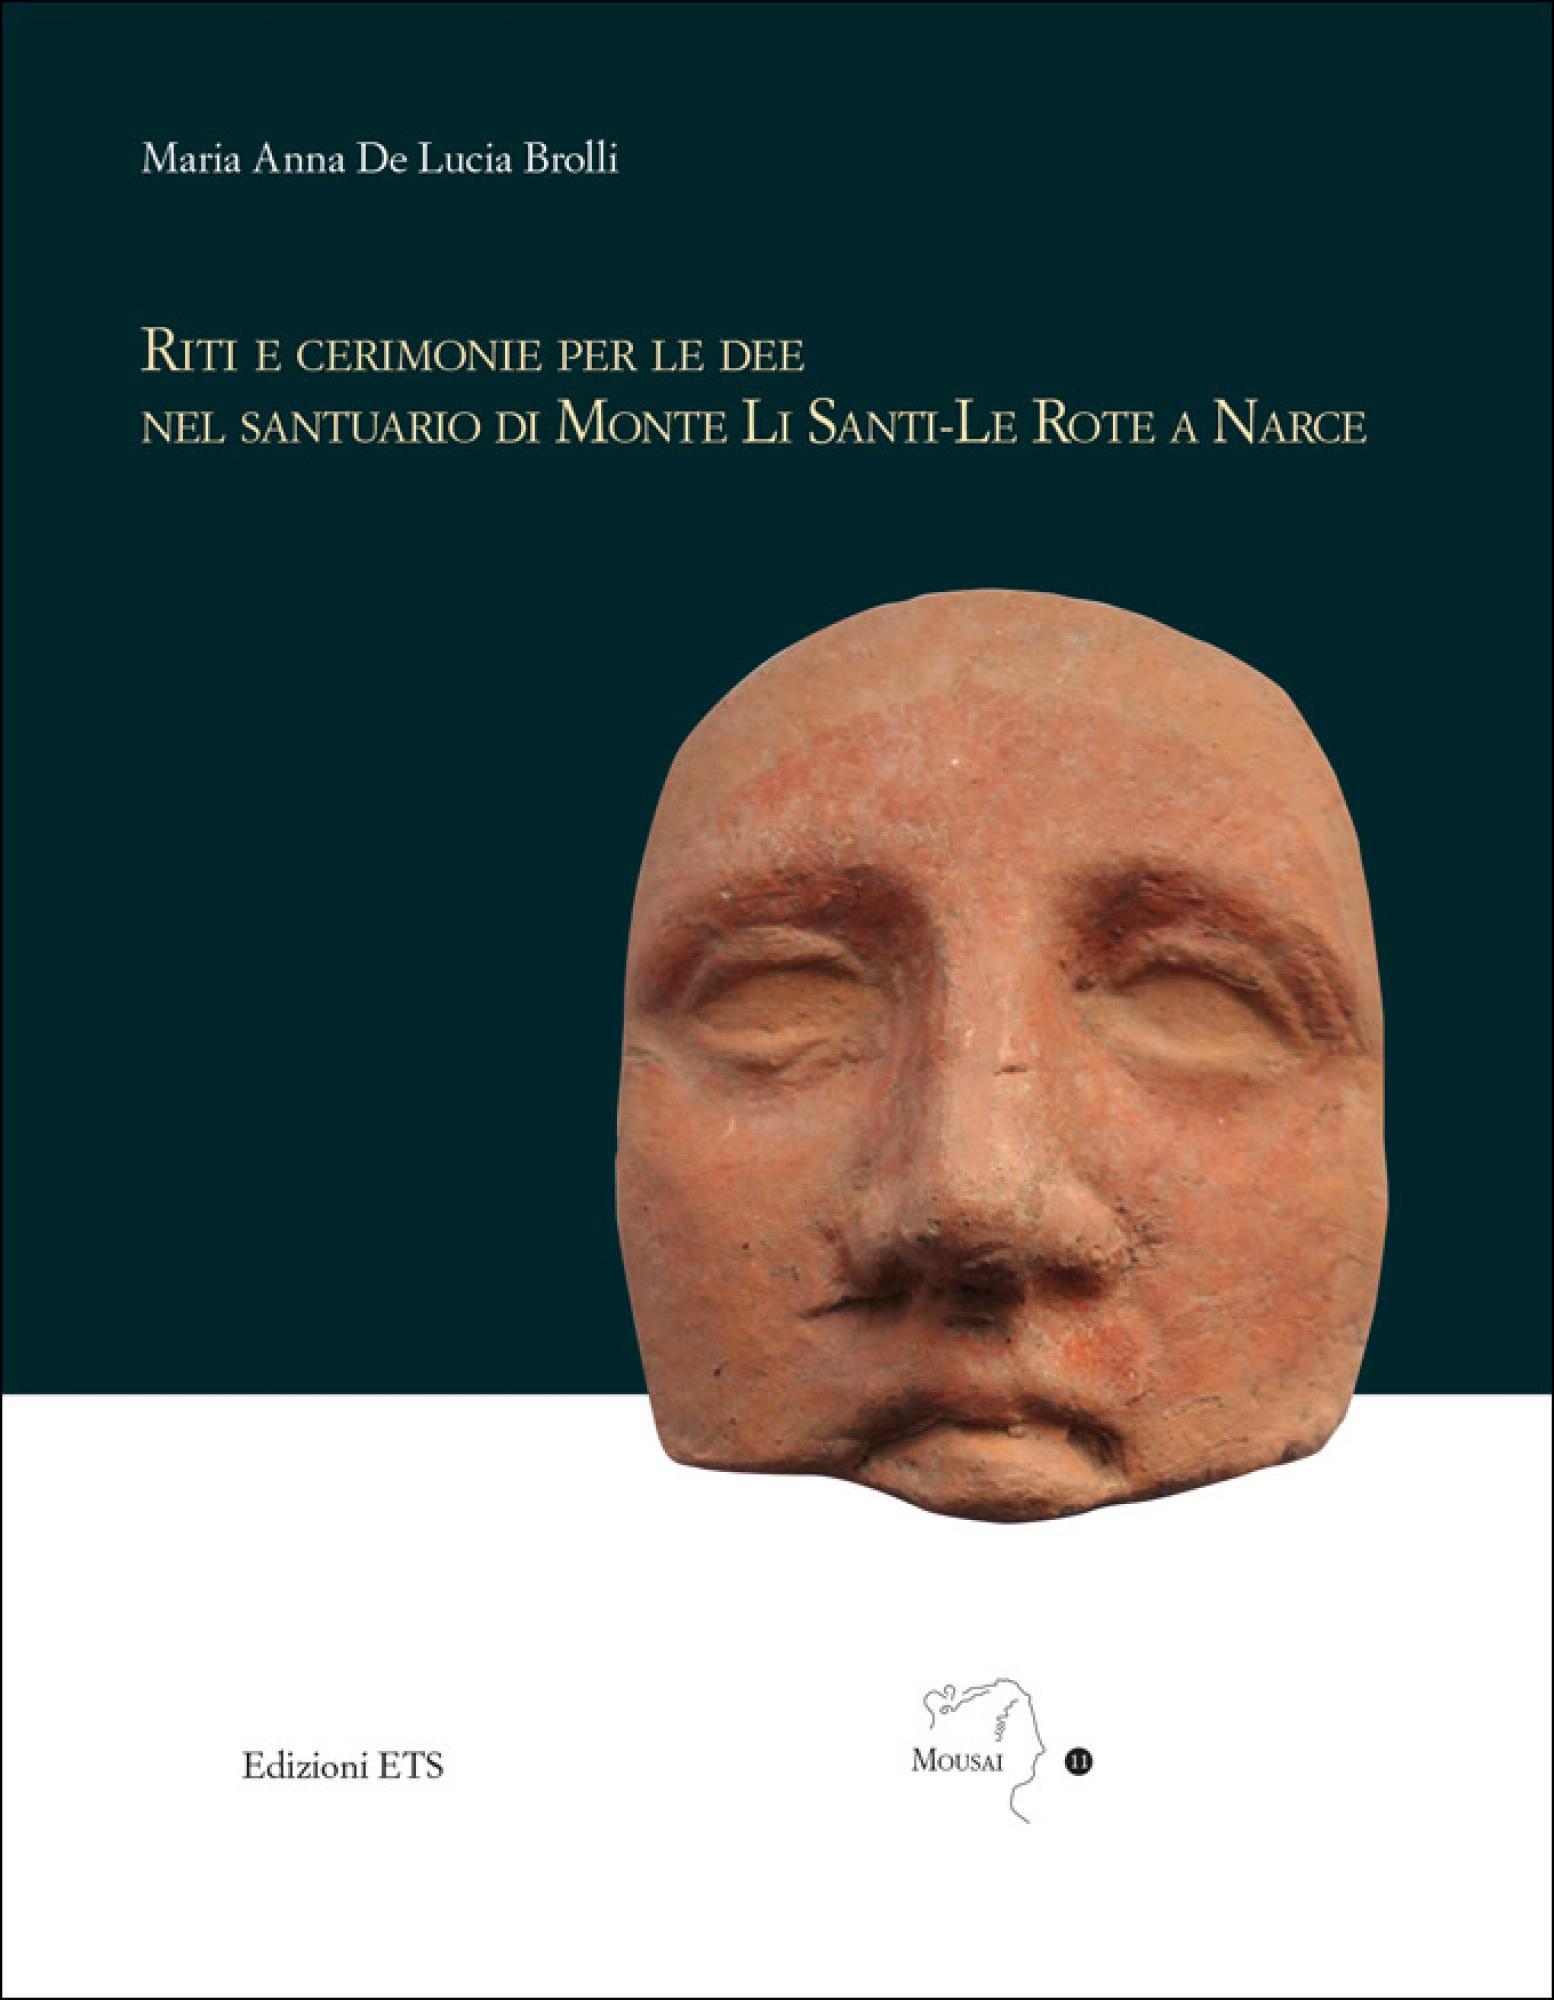 Riti e cerimonie per le dee nel santuario di Monte Li Santi-Le Rote a Narce